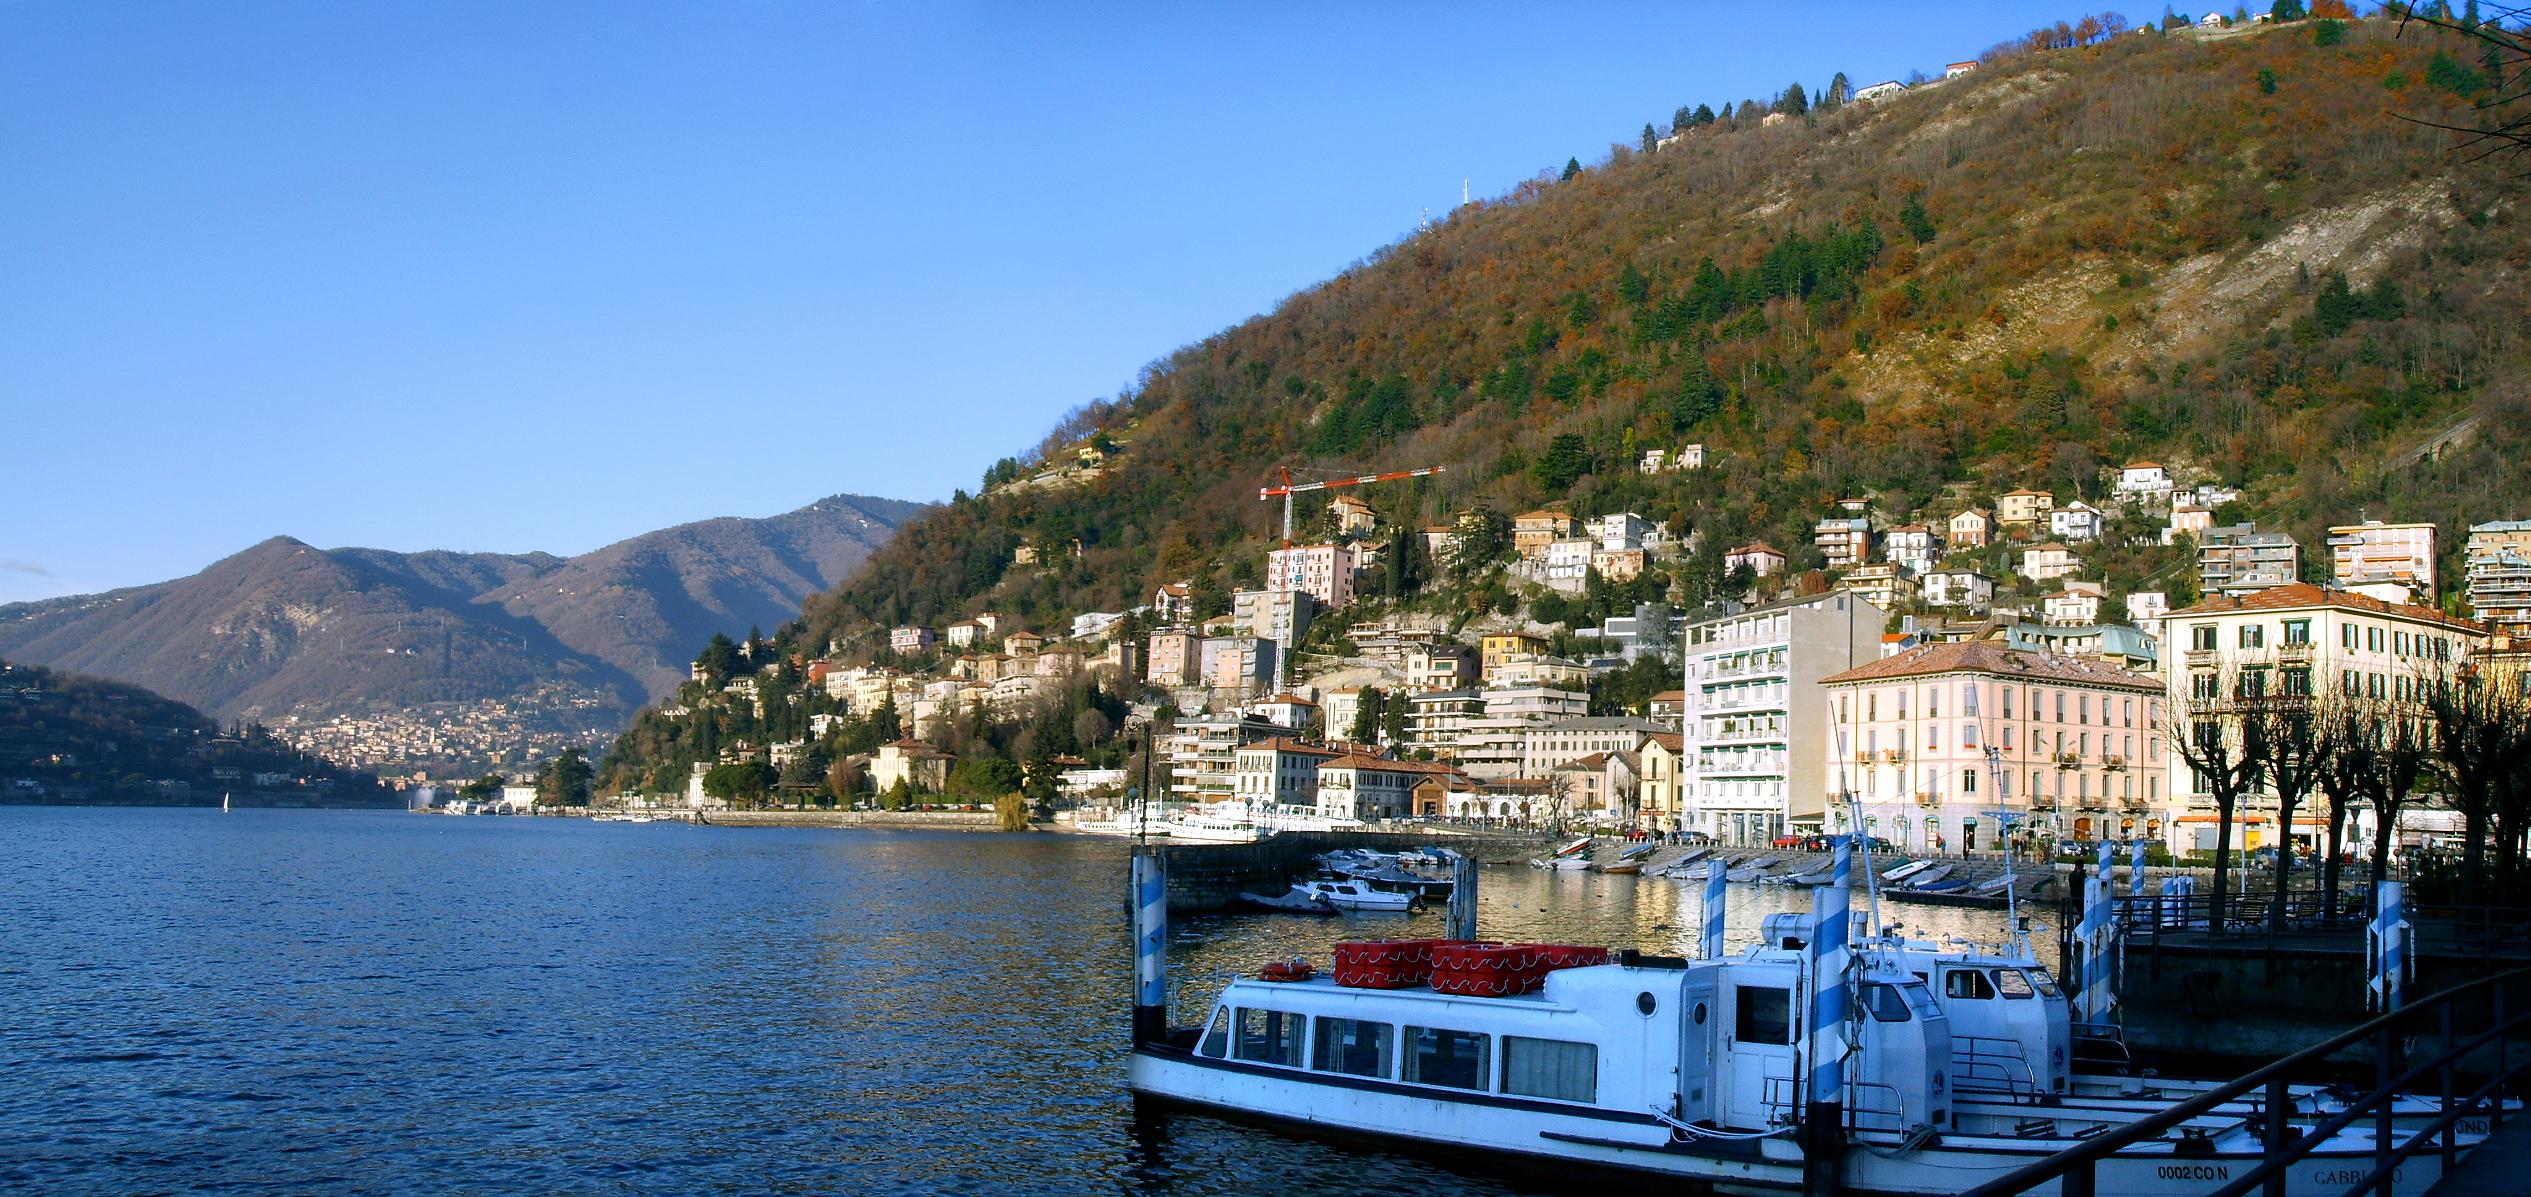 Description Como, lago.jpg